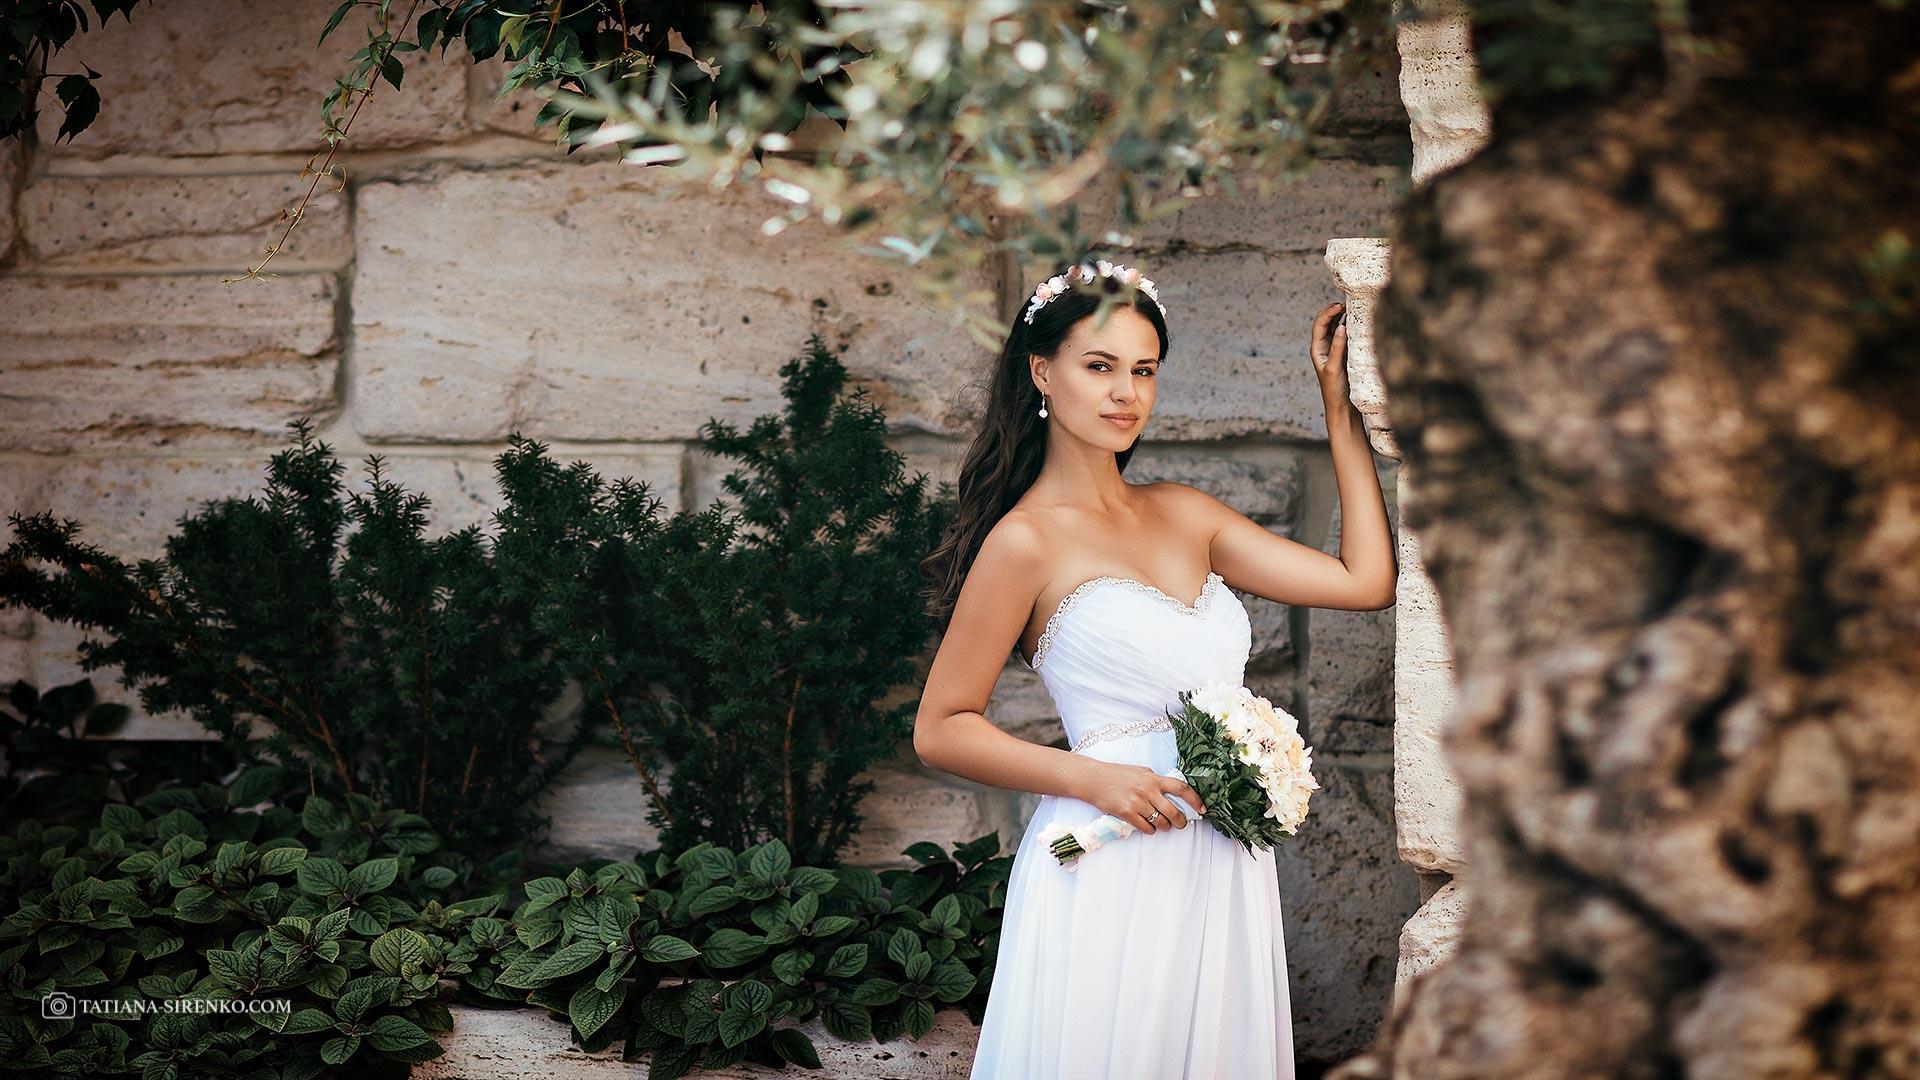 Заказать фотографа на свадьбу